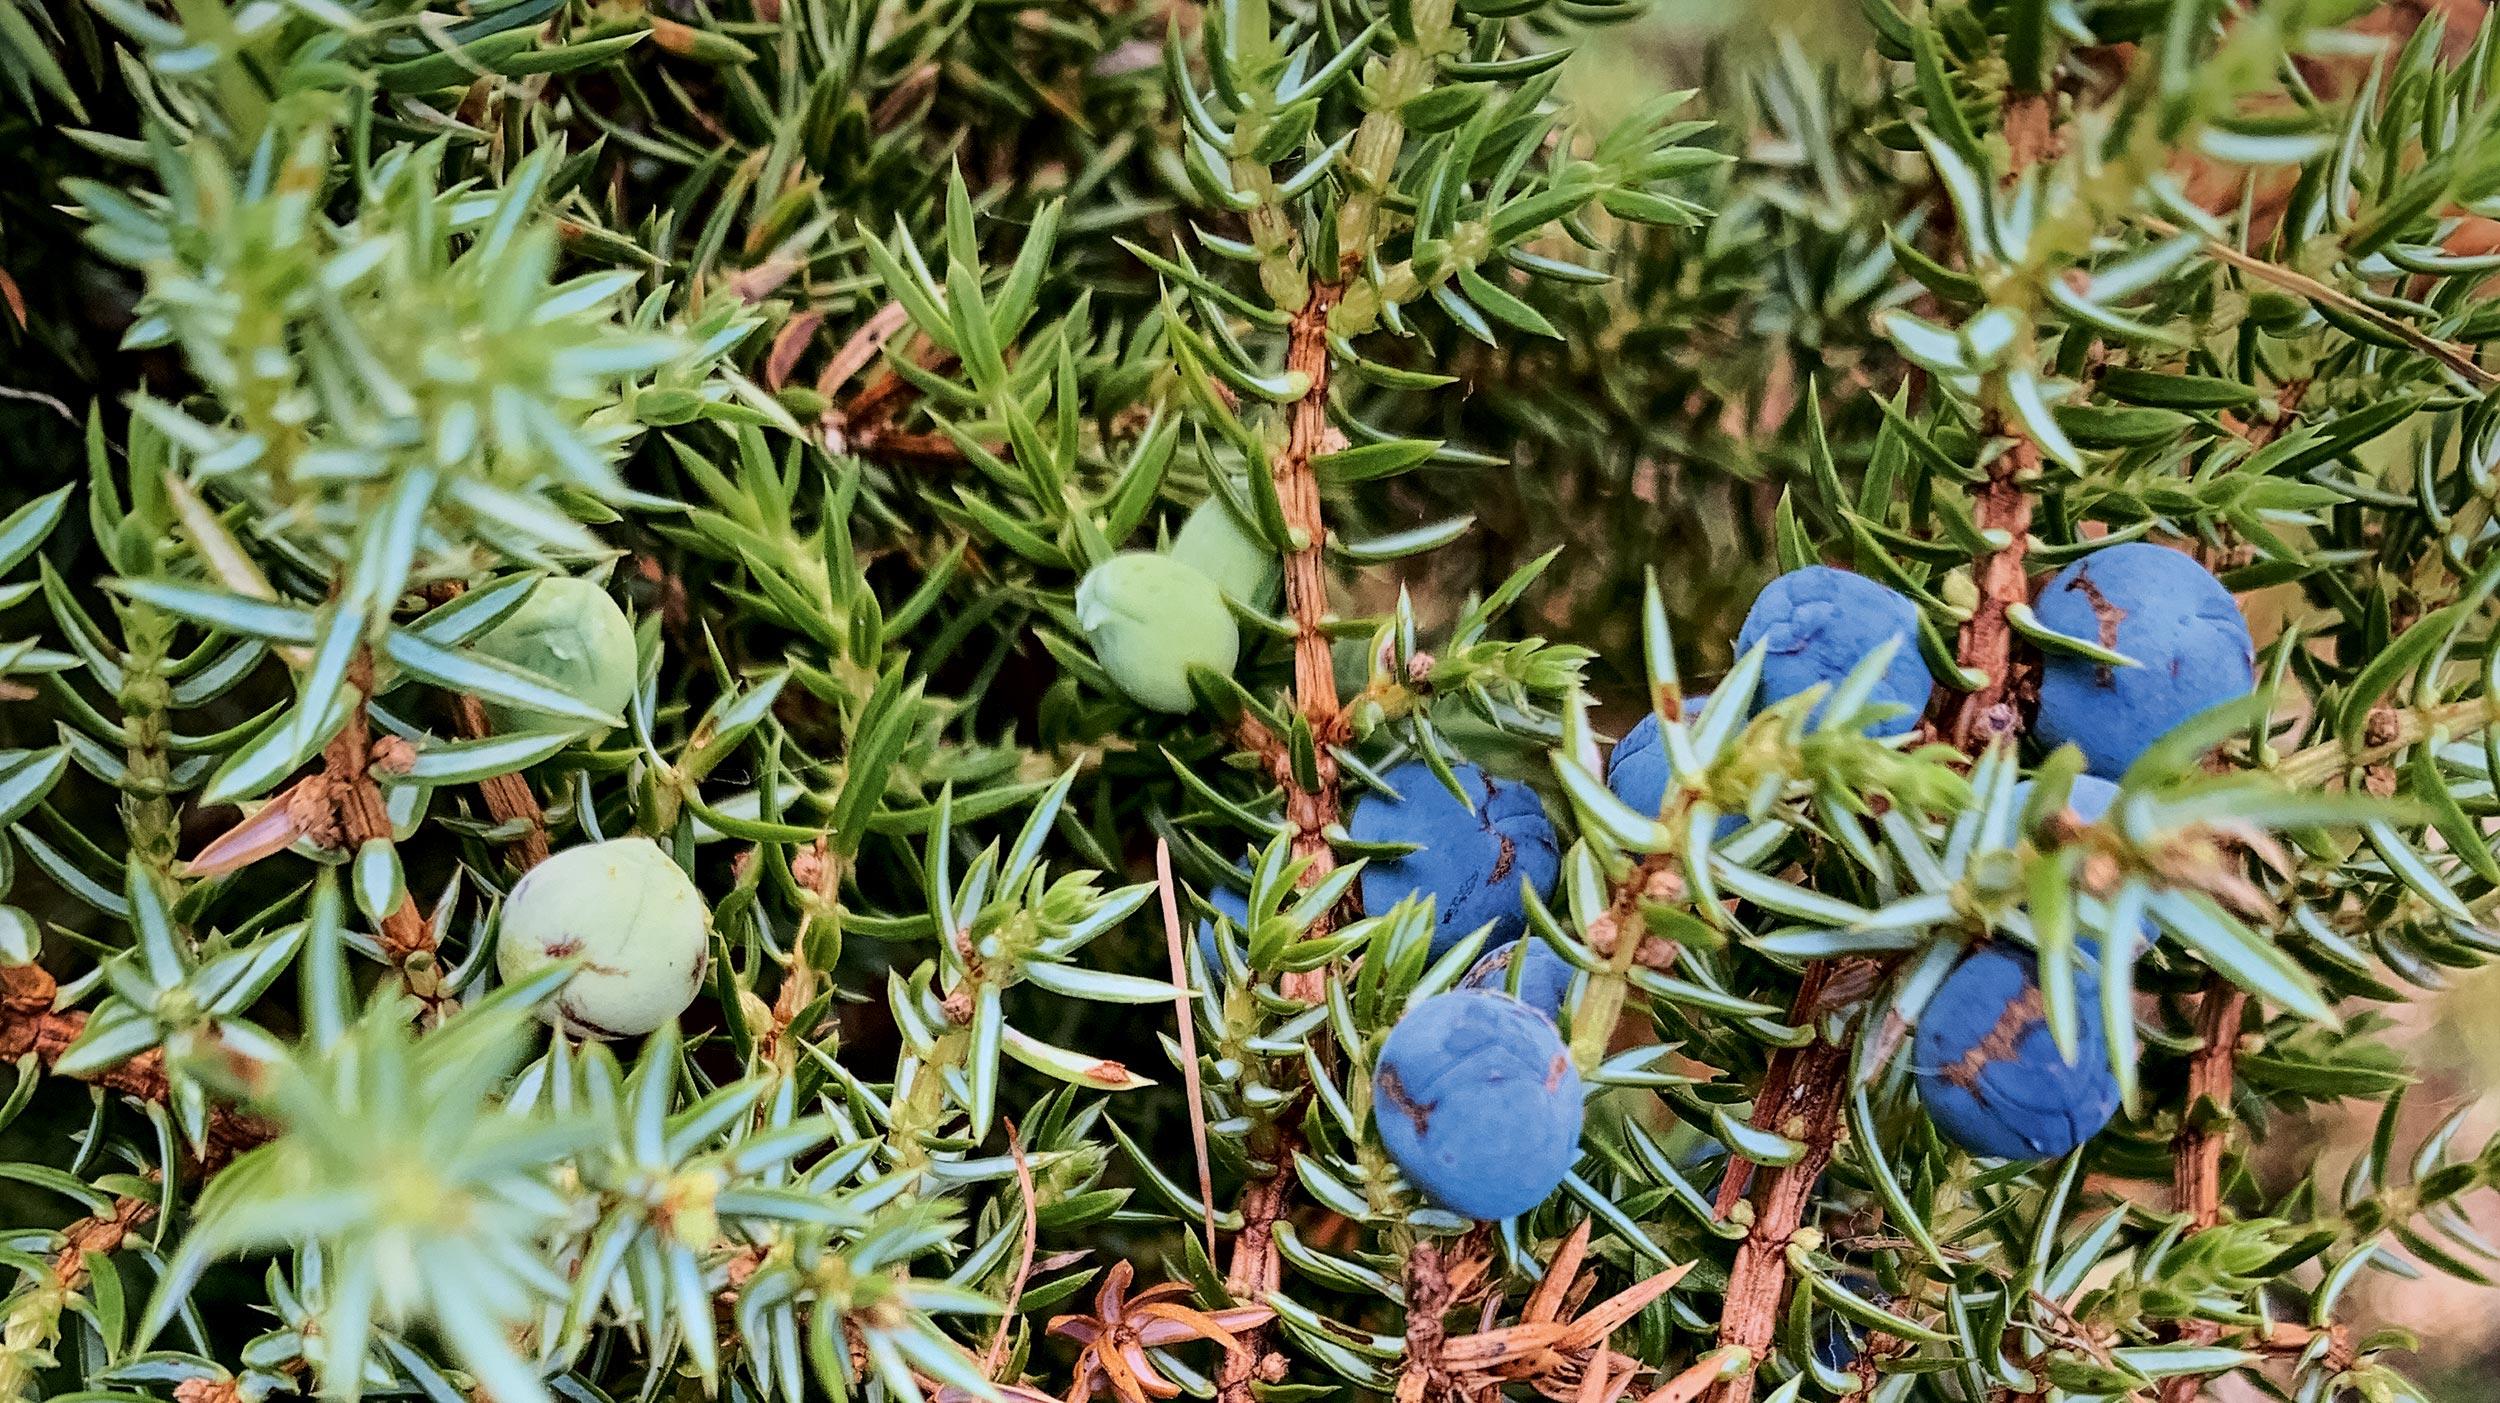 Die blauen Beeren von Holunder und Wacholder